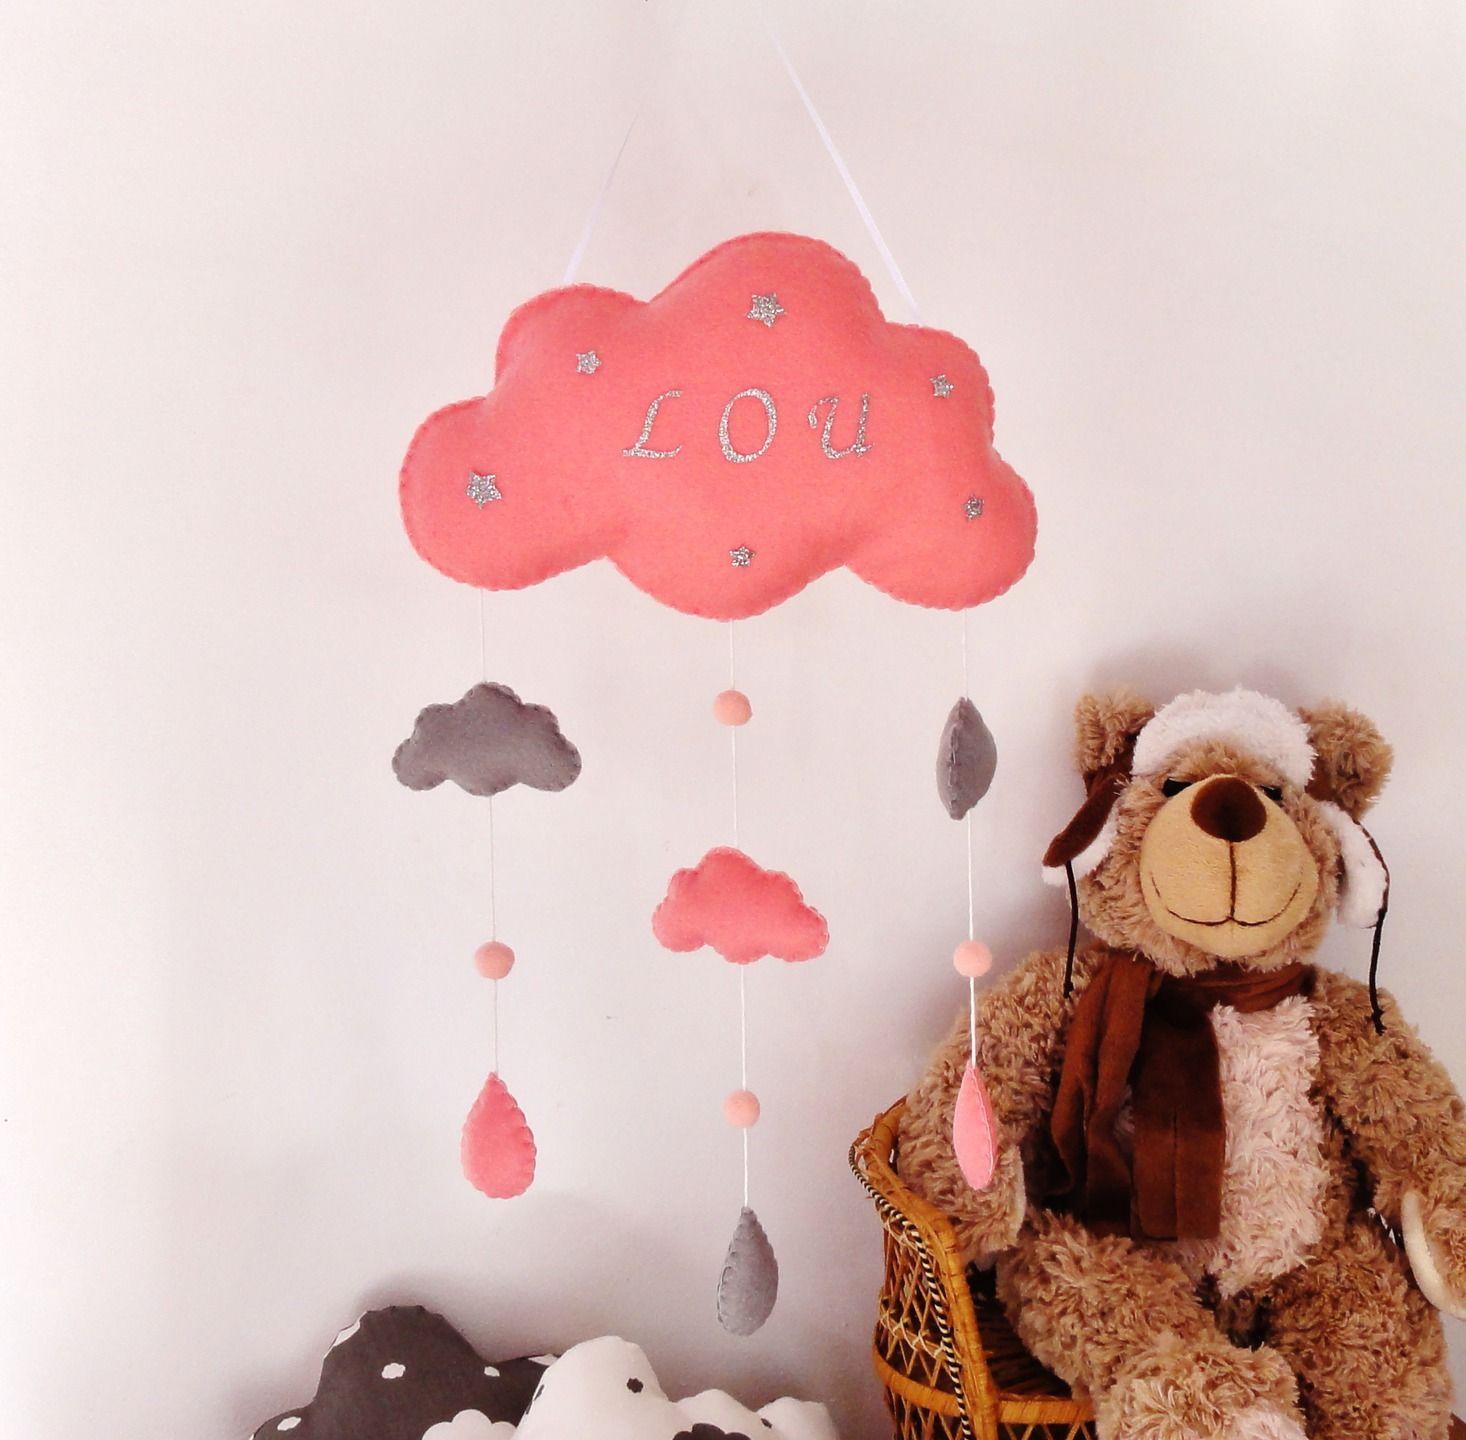 Mobile bébé nuage  personnaliser Suspension mobile nuage pour